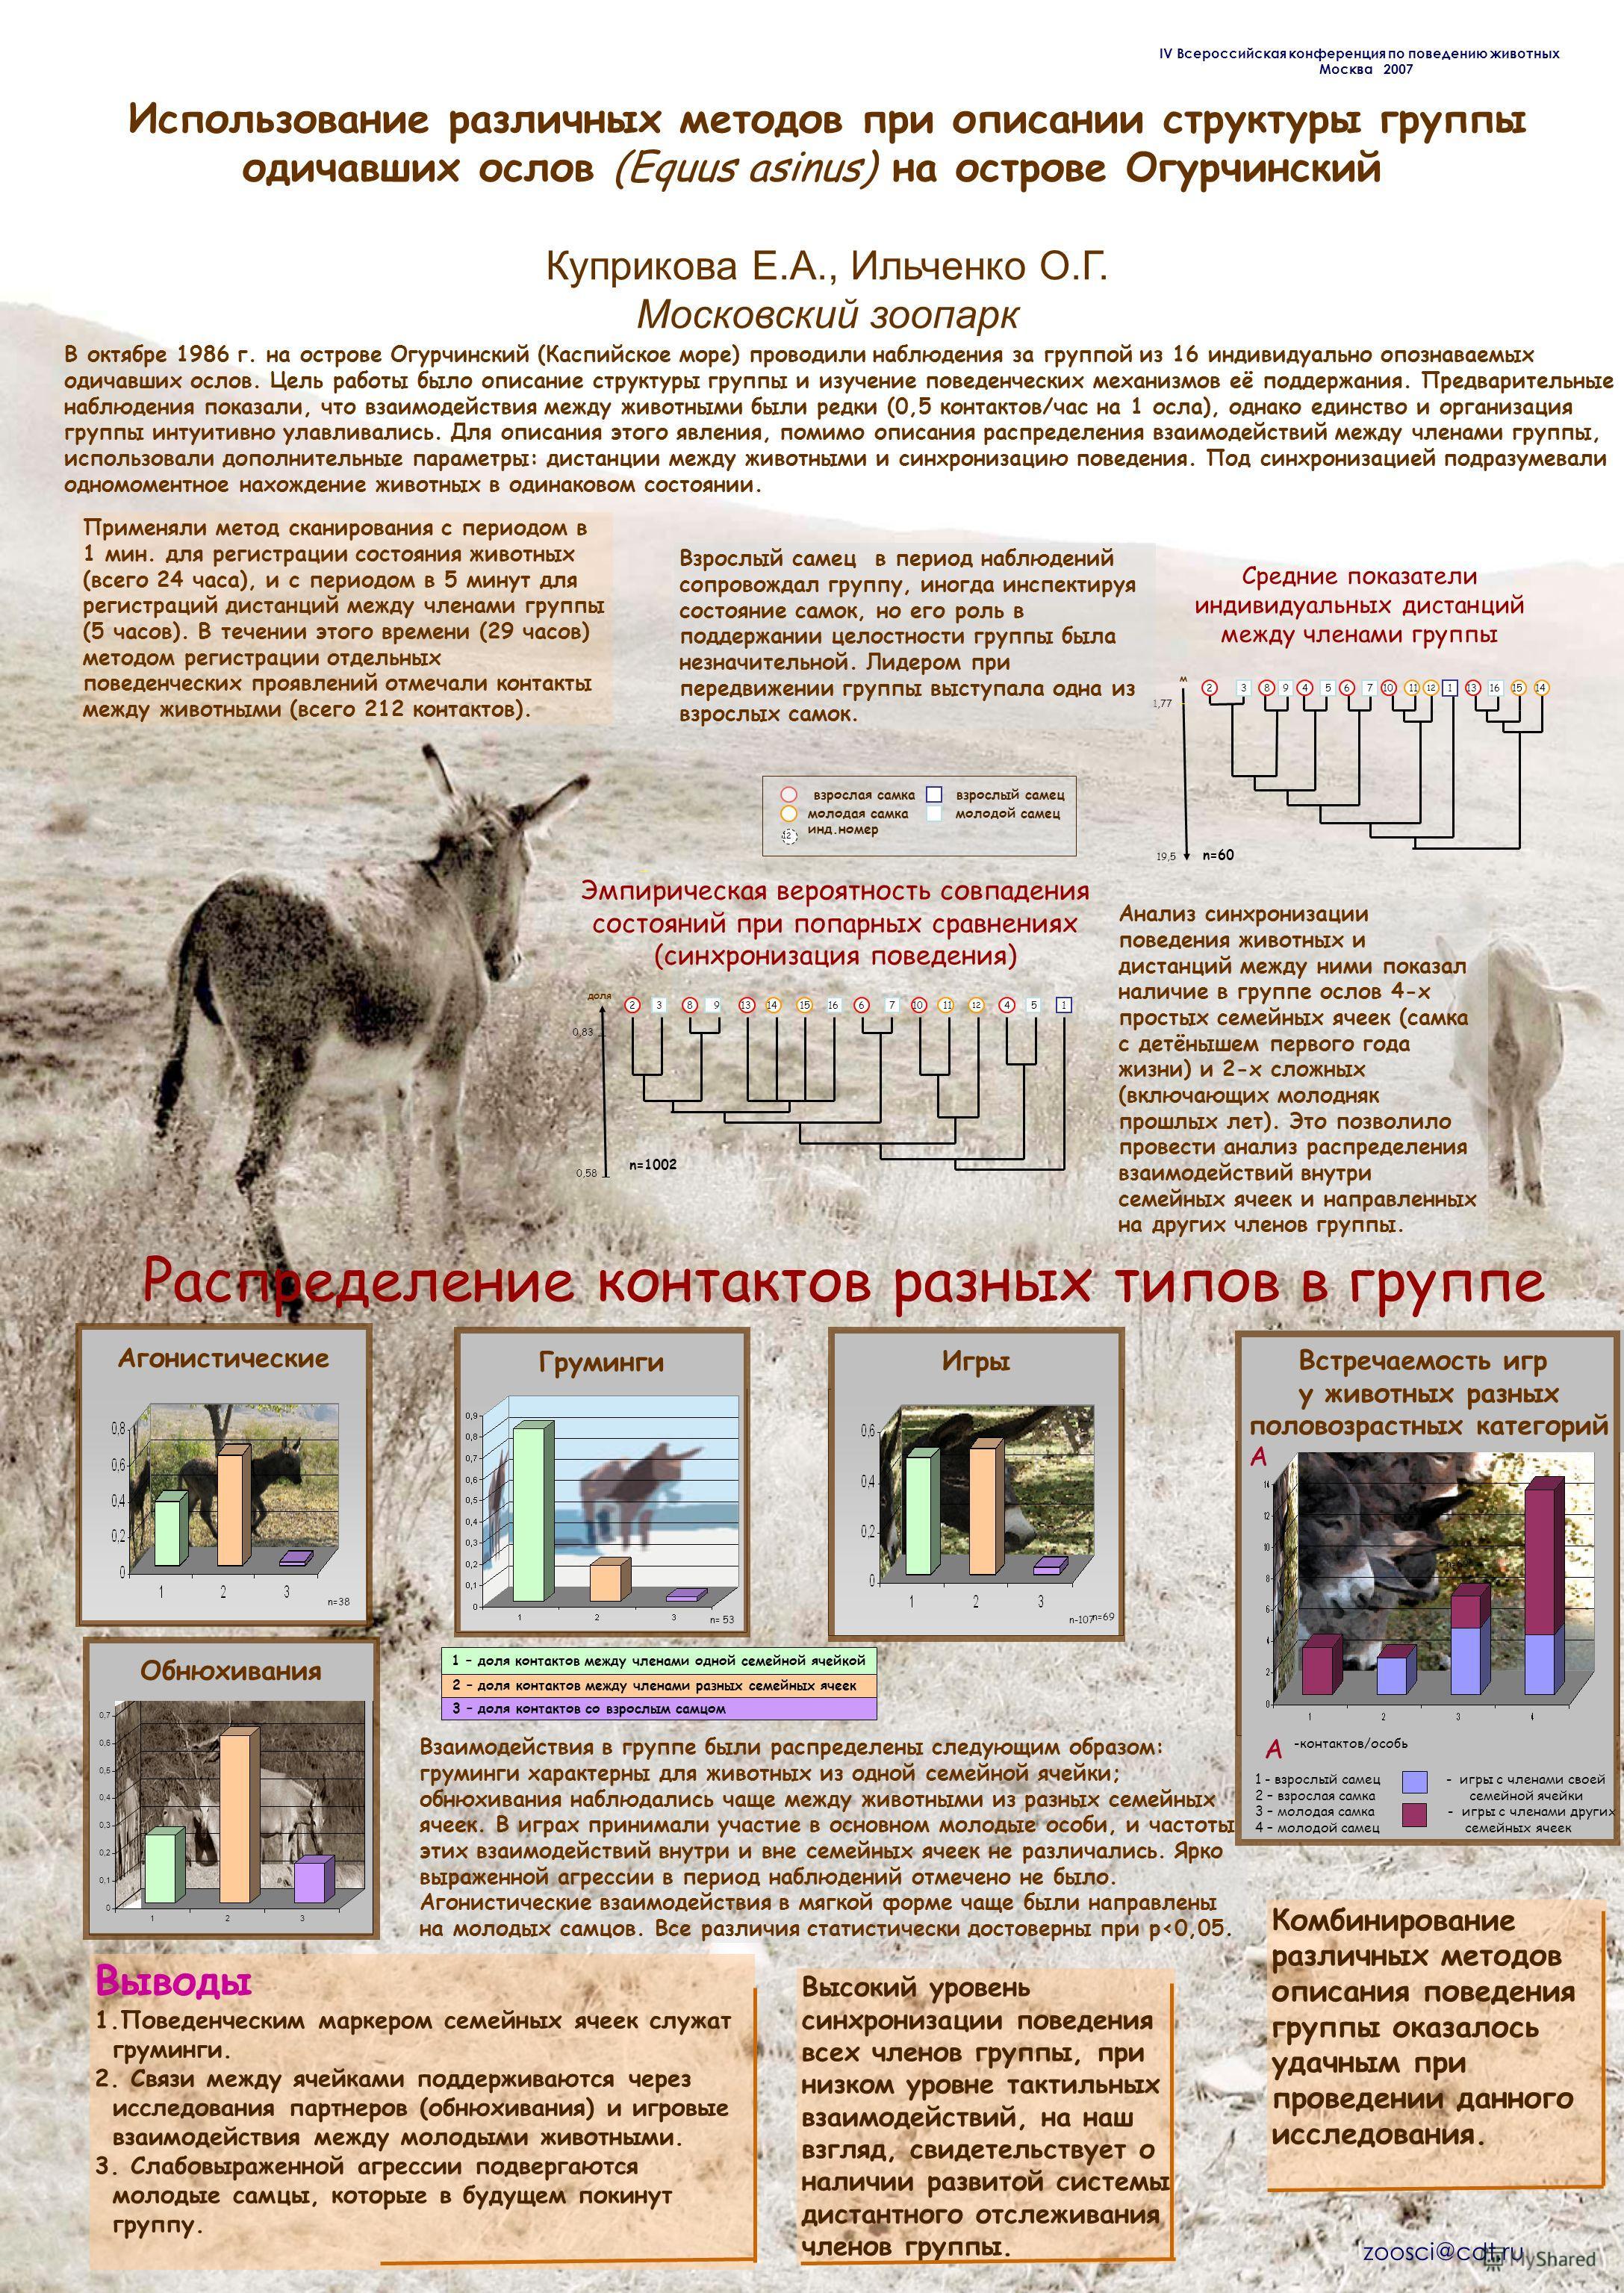 Использование различных методов при описании структуры группы одичавших ослов (Equus asinus) на острове Огурчинский Куприкова Е.А., Ильченко О.Г. Московский зоопарк В октябре 1986 г. на острове Огурчинский (Каспийское море) проводили наблюдения за гр